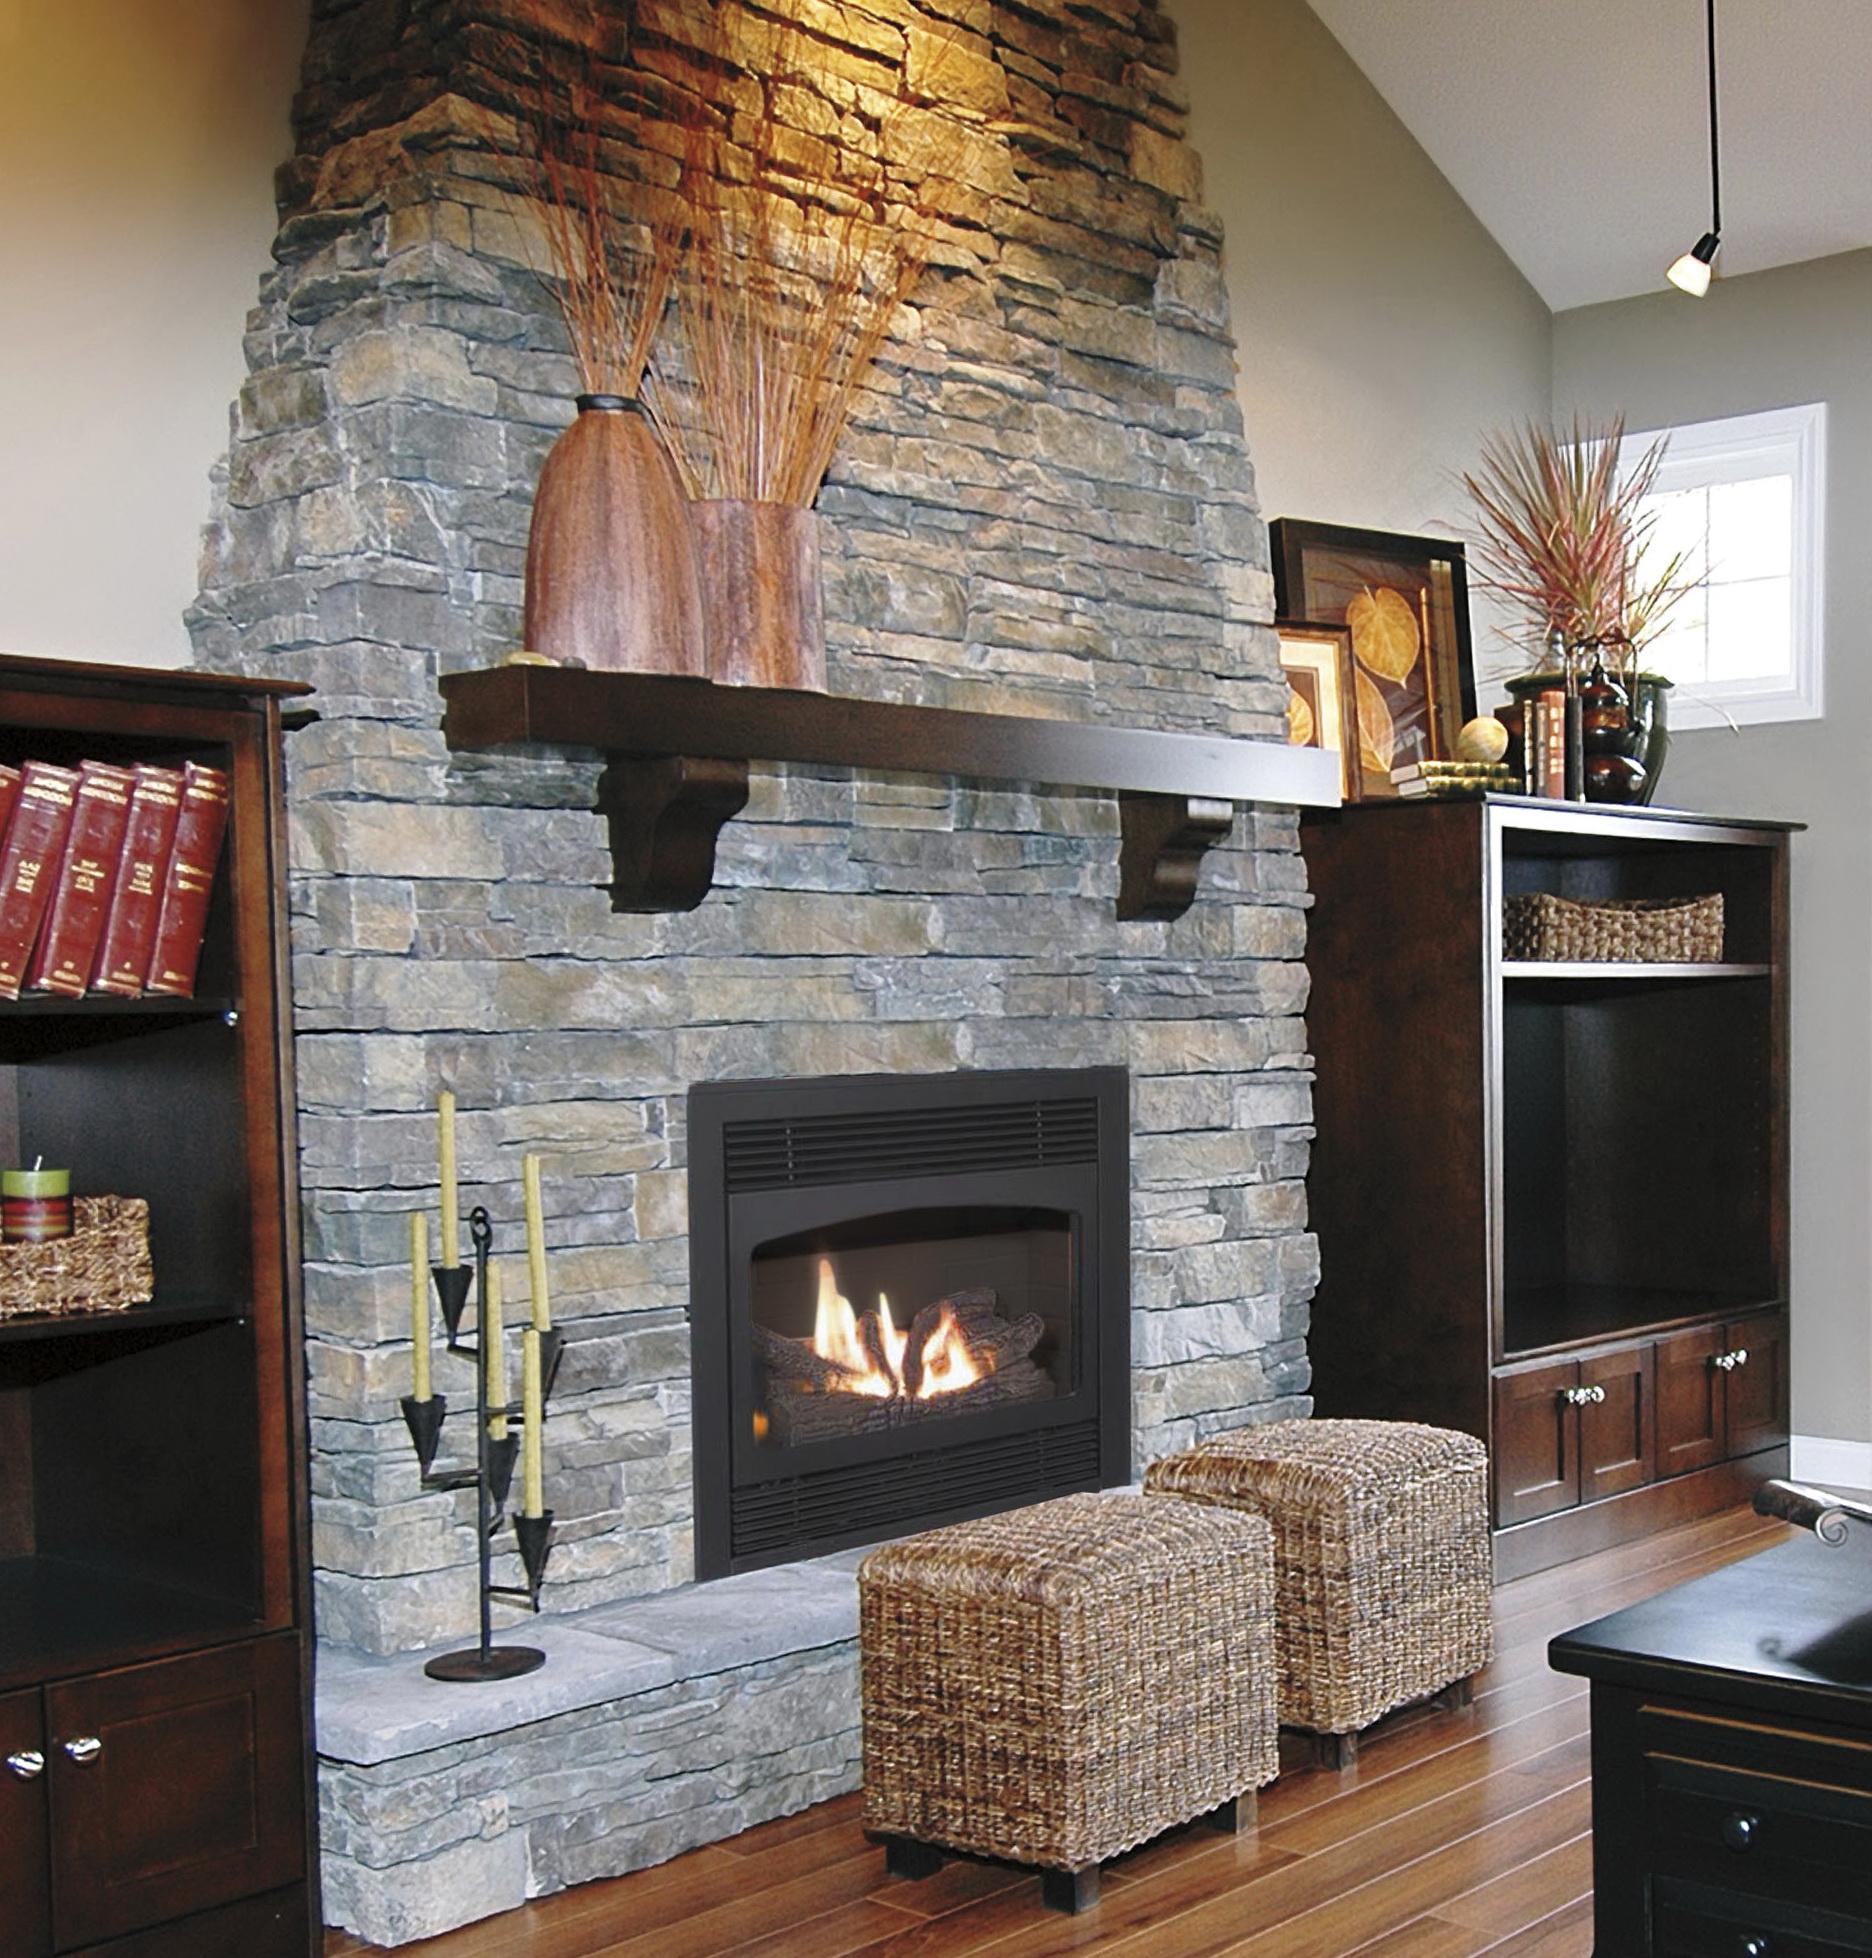 skytech stat fireplace glo heat iii remote control ii n smart